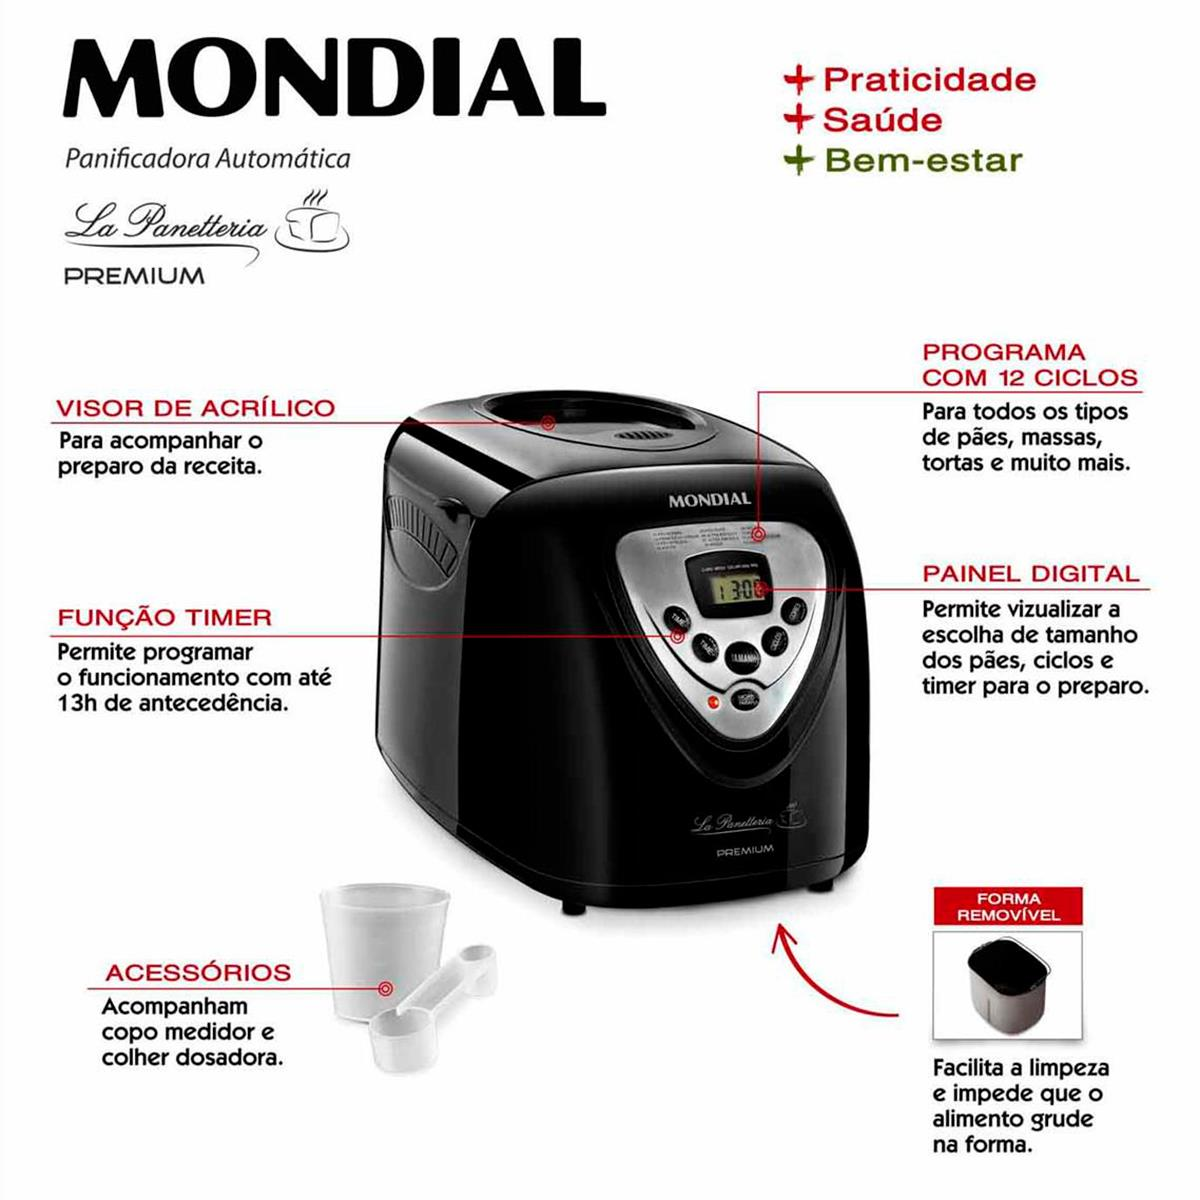 a07ea0fd2 Máquina de Fazer Pão Mondial Premium PF51 600 W Timer 12 Programas -  Máquina de Fazer Pão Mondial Premium PF51 600 W Timer 12 Programas - MONDIAL